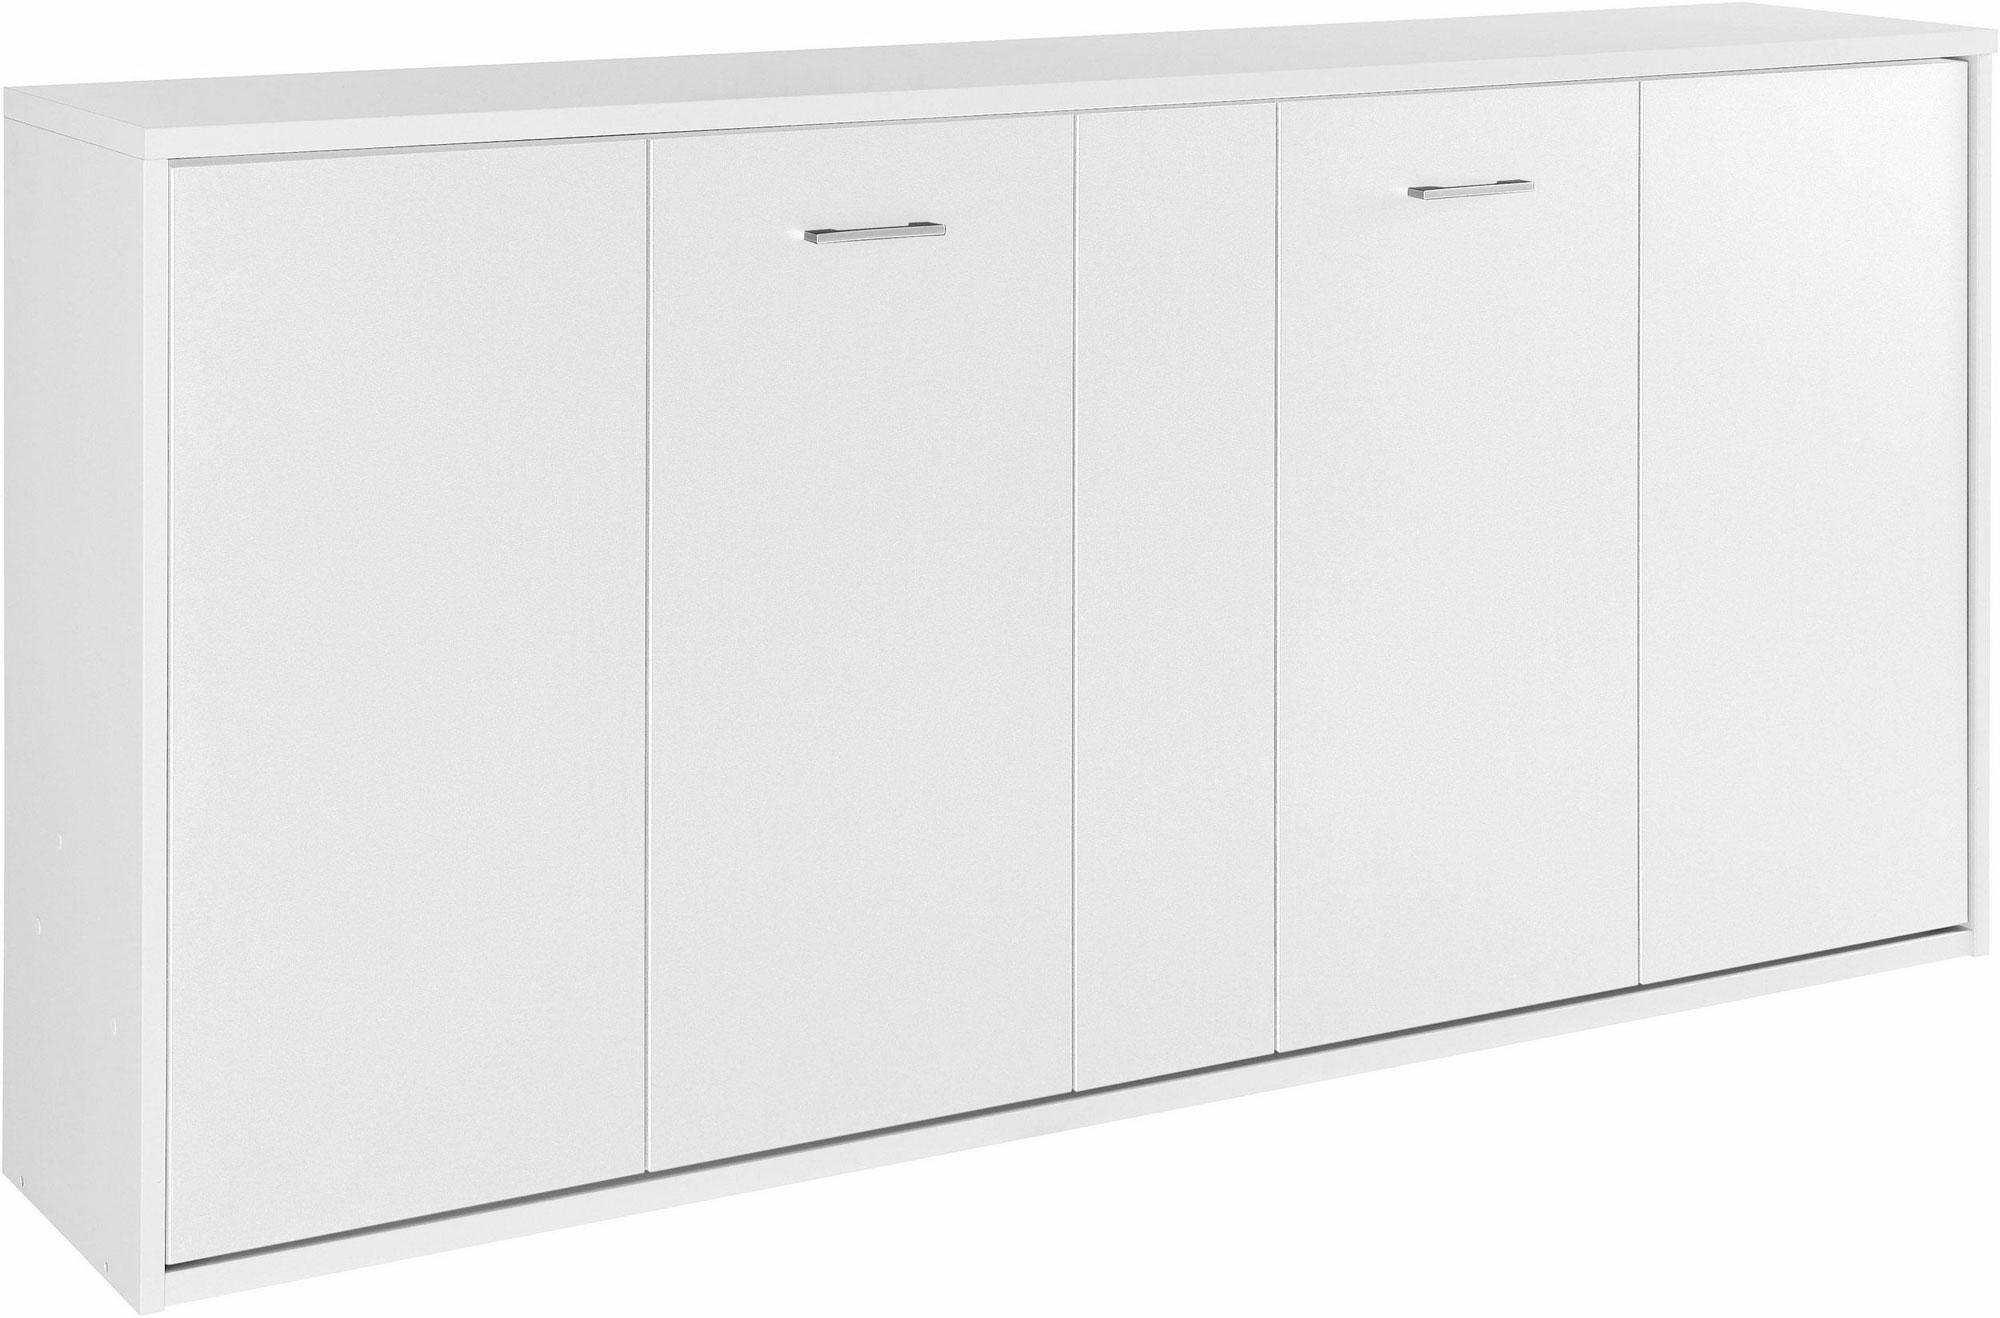 Priess Achat Schrankbett 90x200 cm weiß